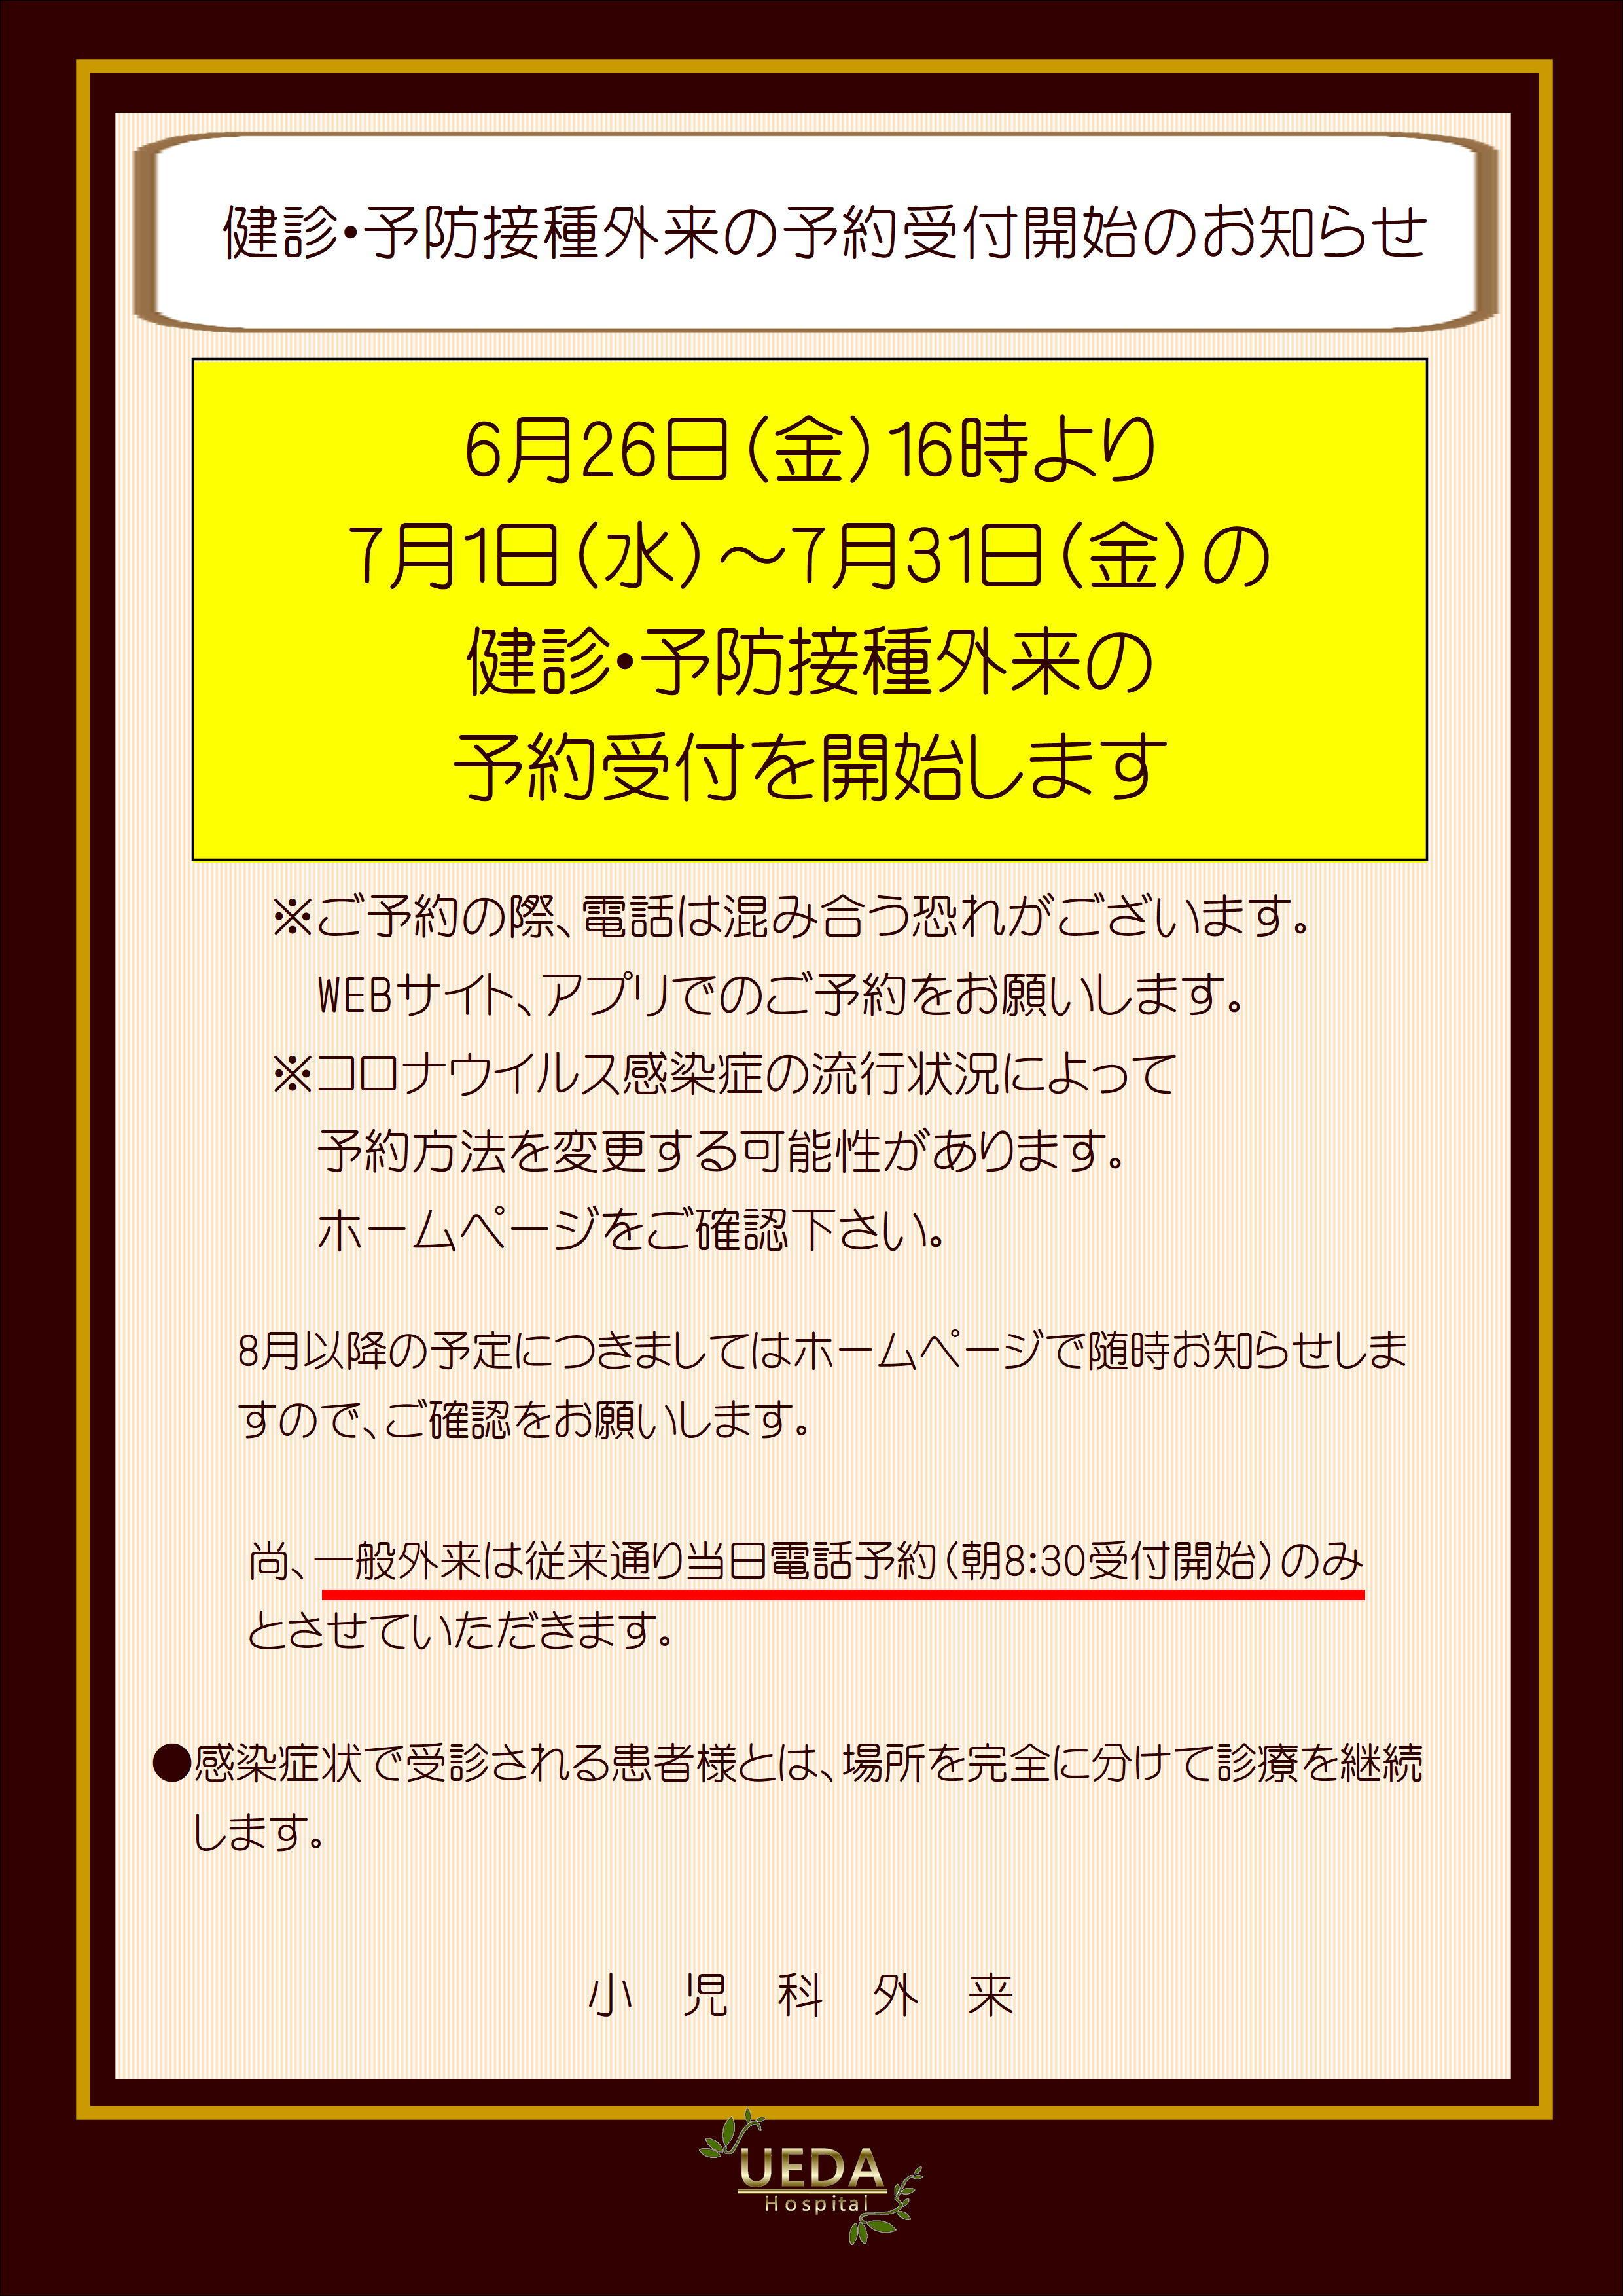 7月健診・予防接種外来予約について.jpg